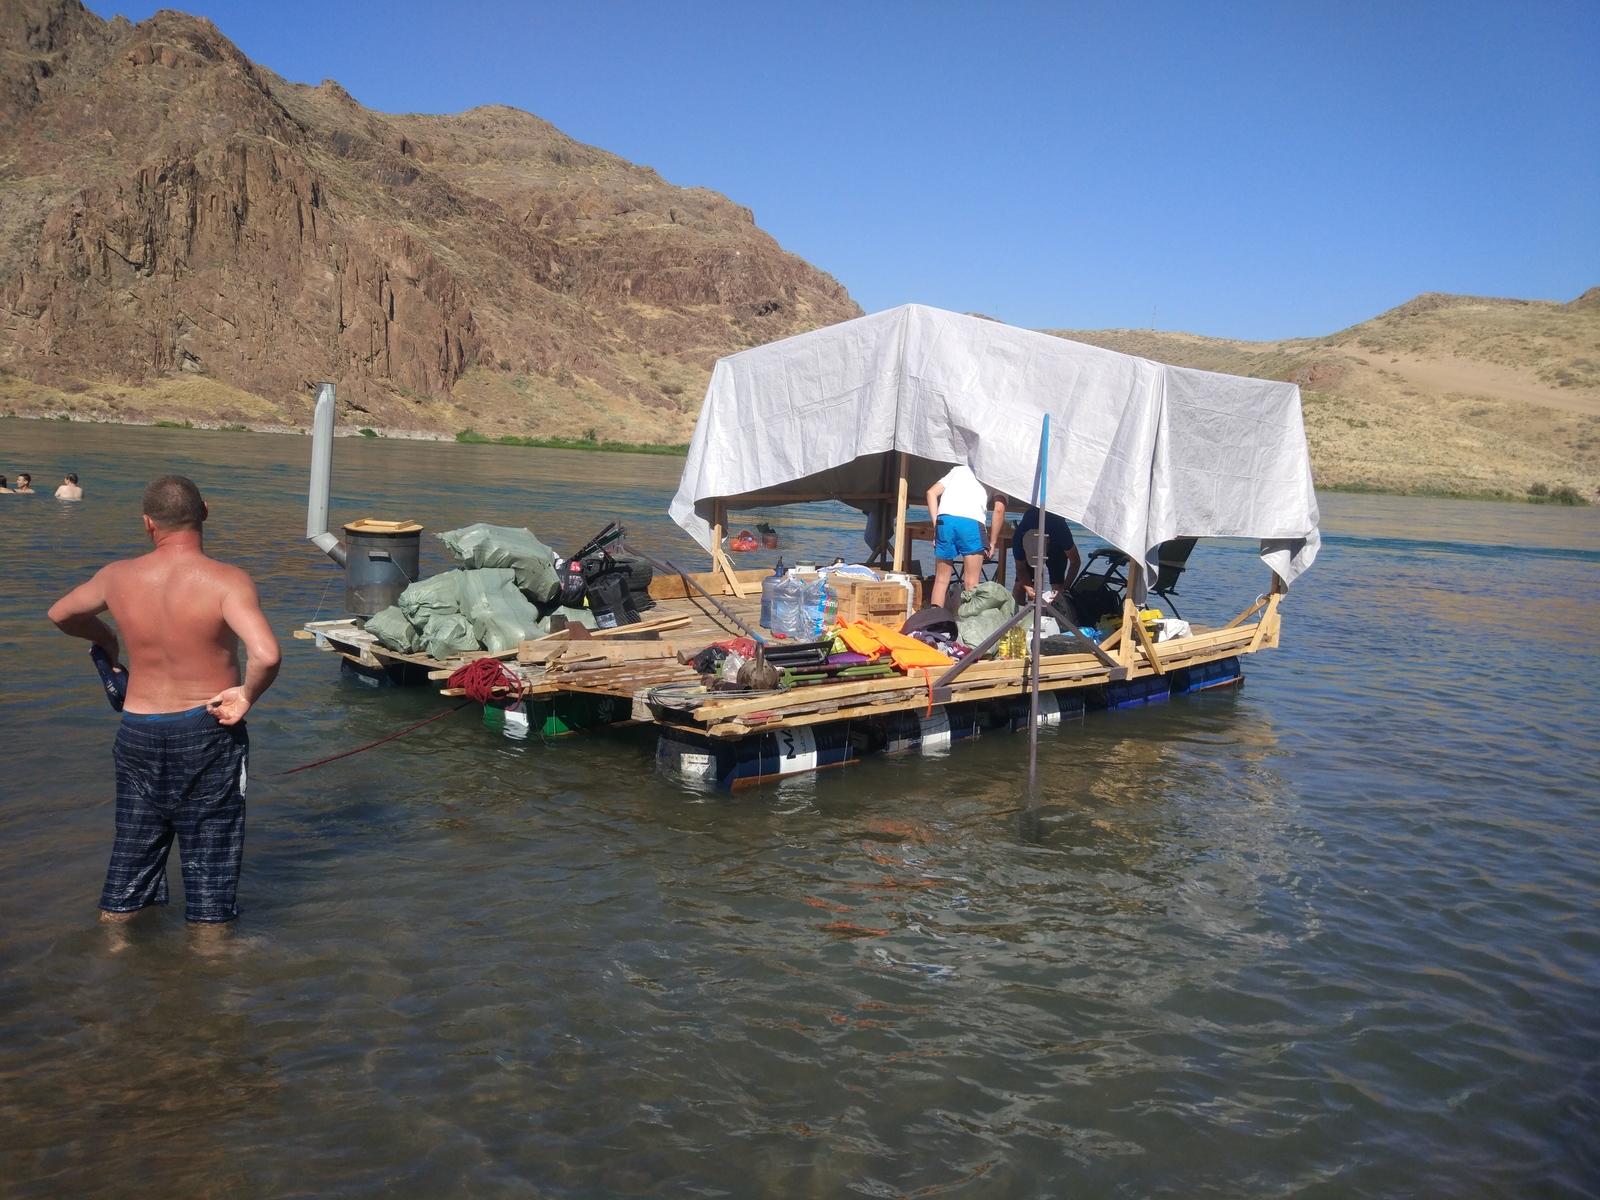 Как сделать плот для сплава по реке Далее, готов, Грузим, теоретически, сделано, удержать, крепим, отплытия, несколько, чтобы, бочек, направляющие, полосе, проволокой, зачерпнуть, навеса, Навес, нужен, Какой, прочее